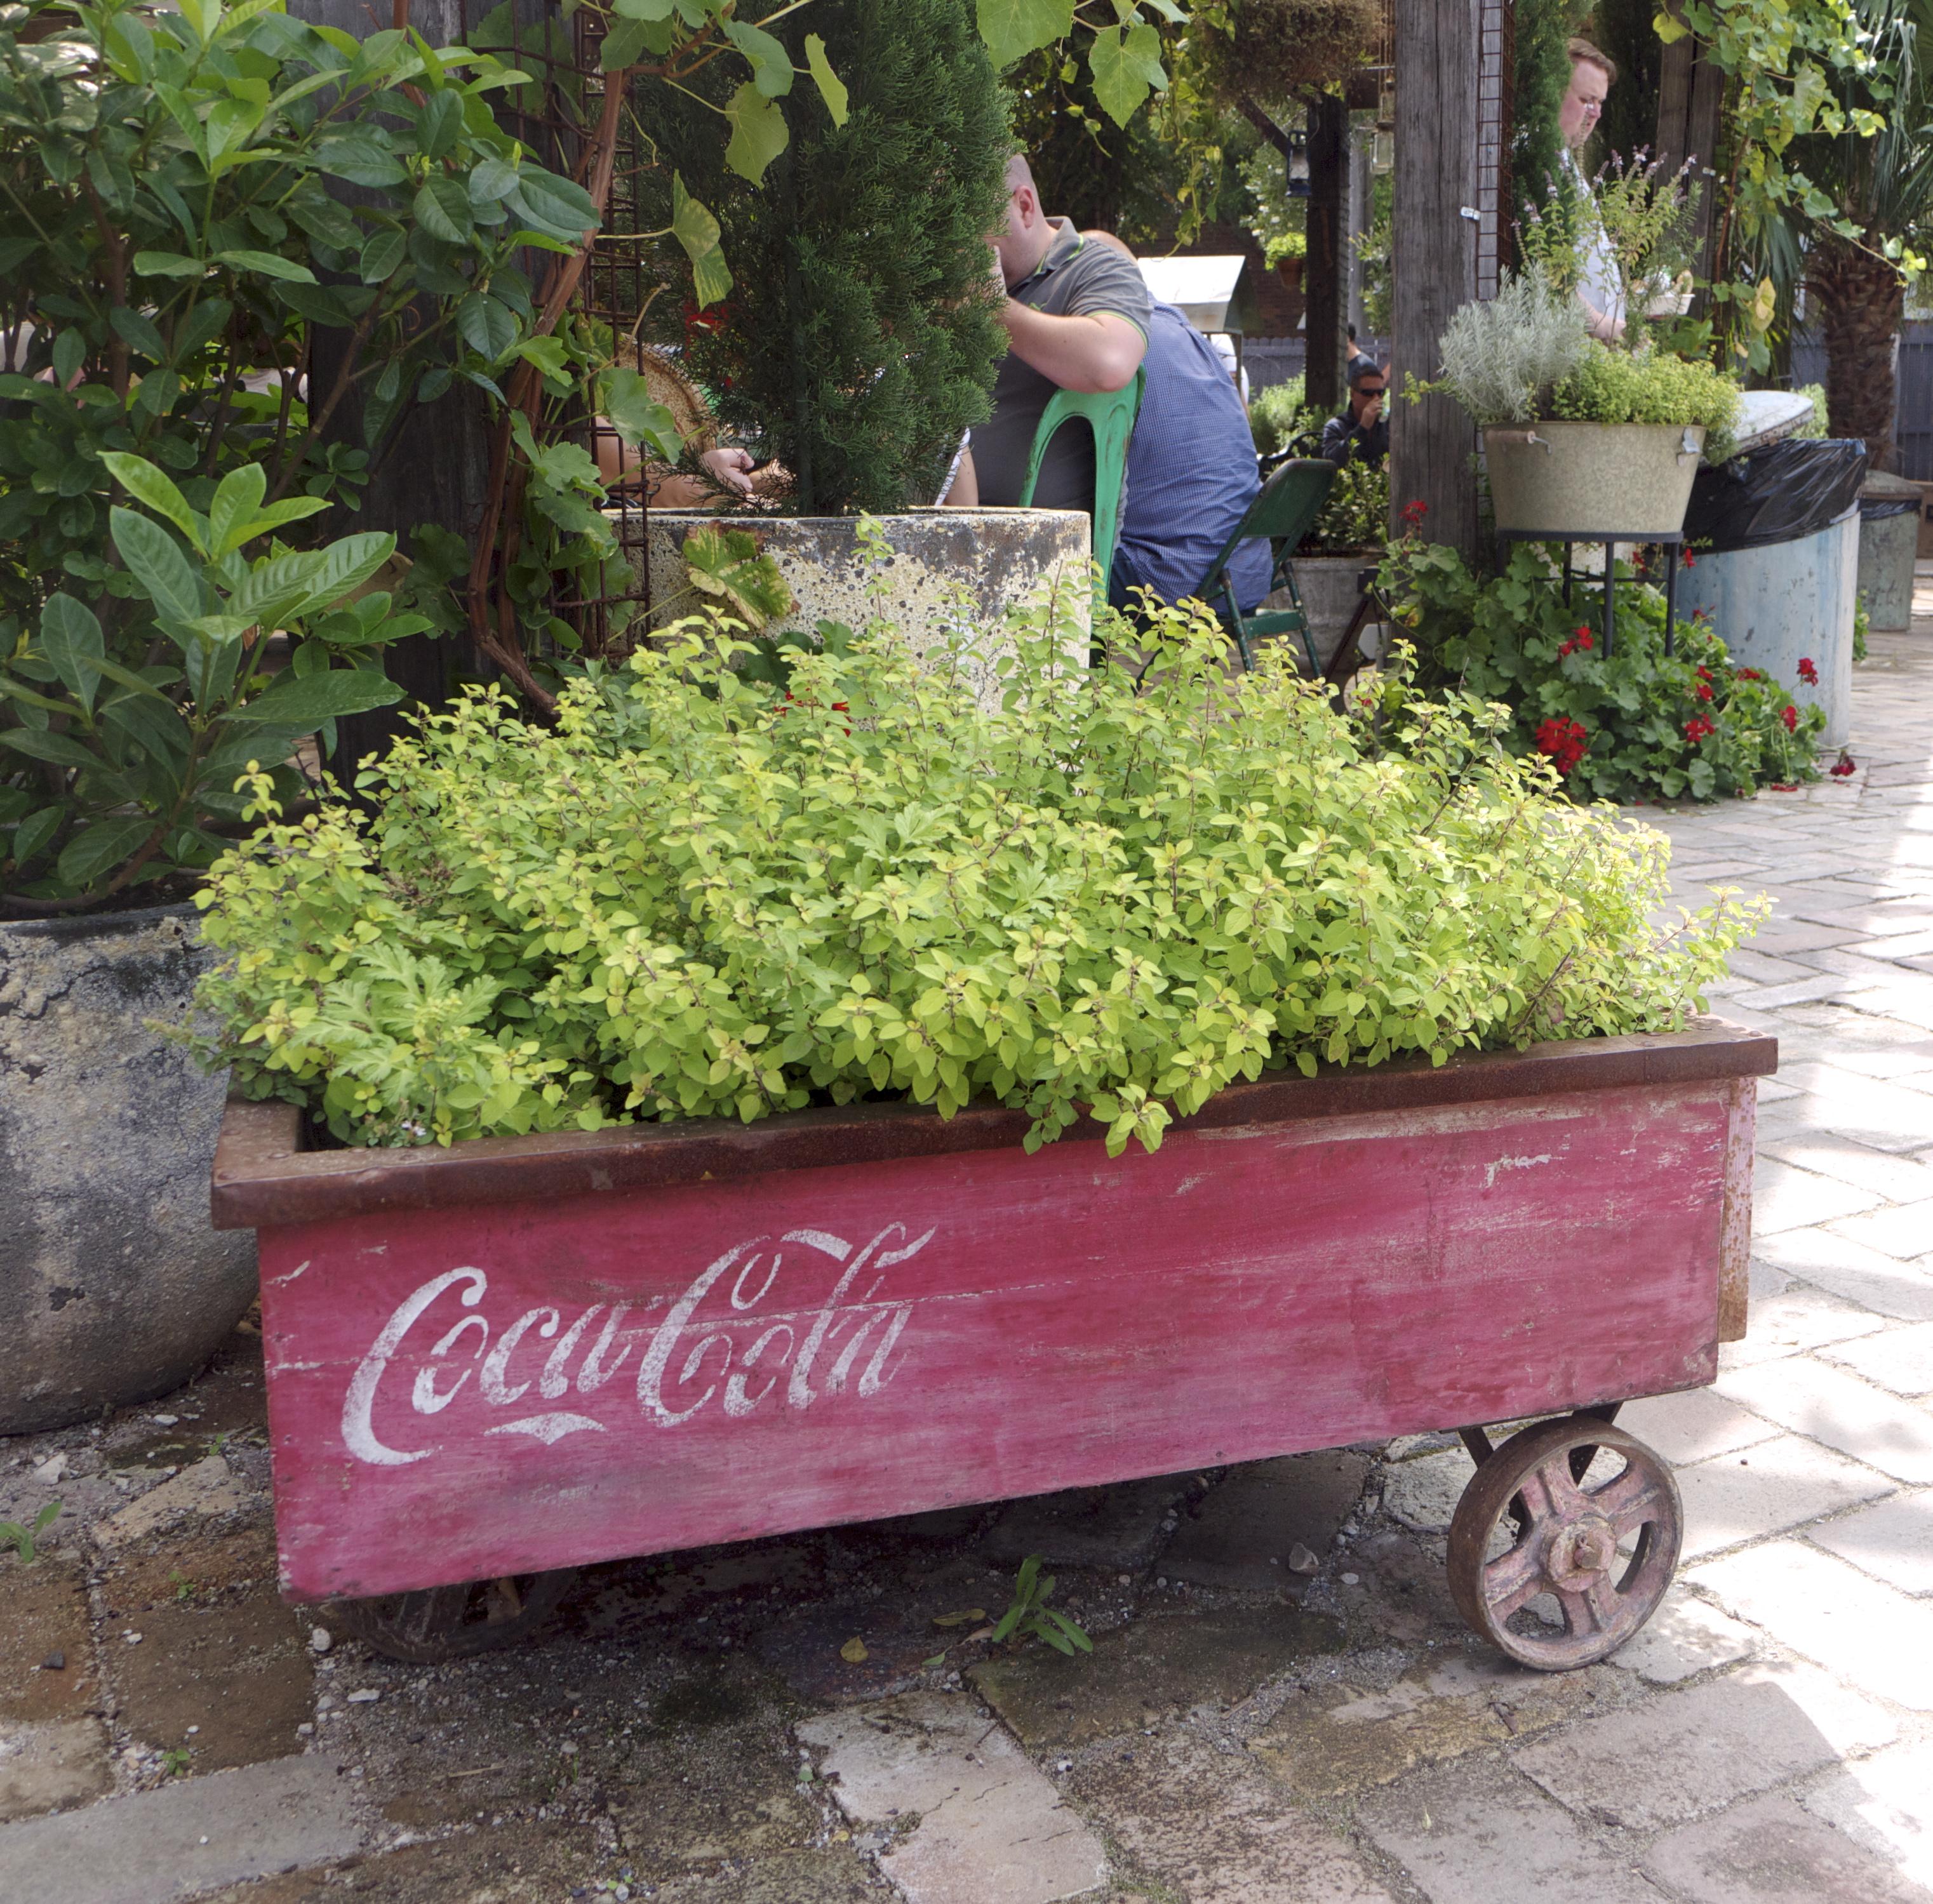 The Grounds of Alexandria - Coca Cola Planter Box